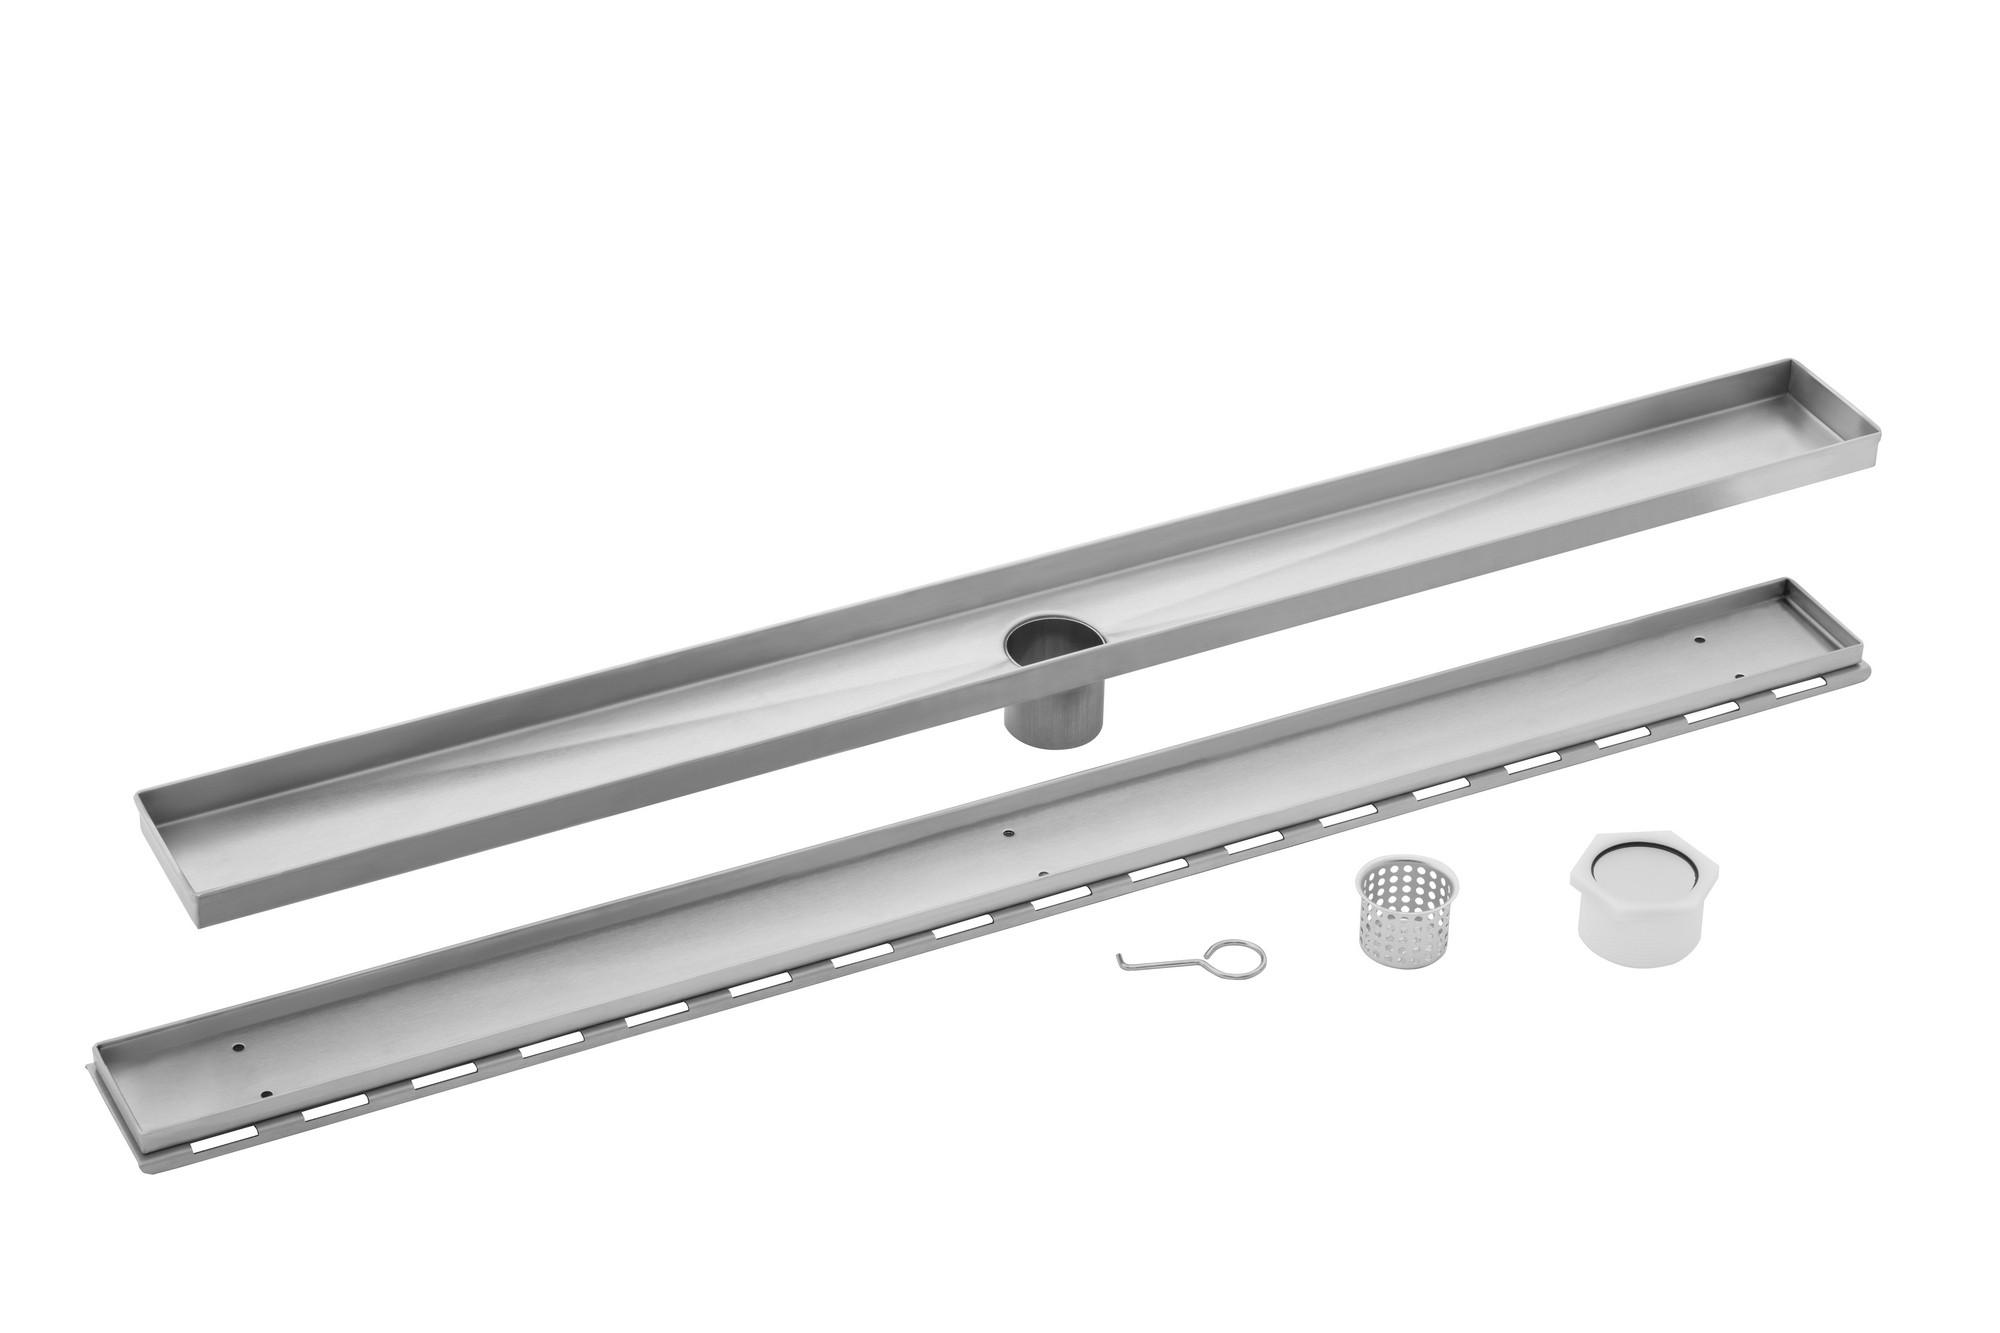 Cahaba CAHTI30 30 Inch Stainless Steel Tile Insert Linear Shower Drain